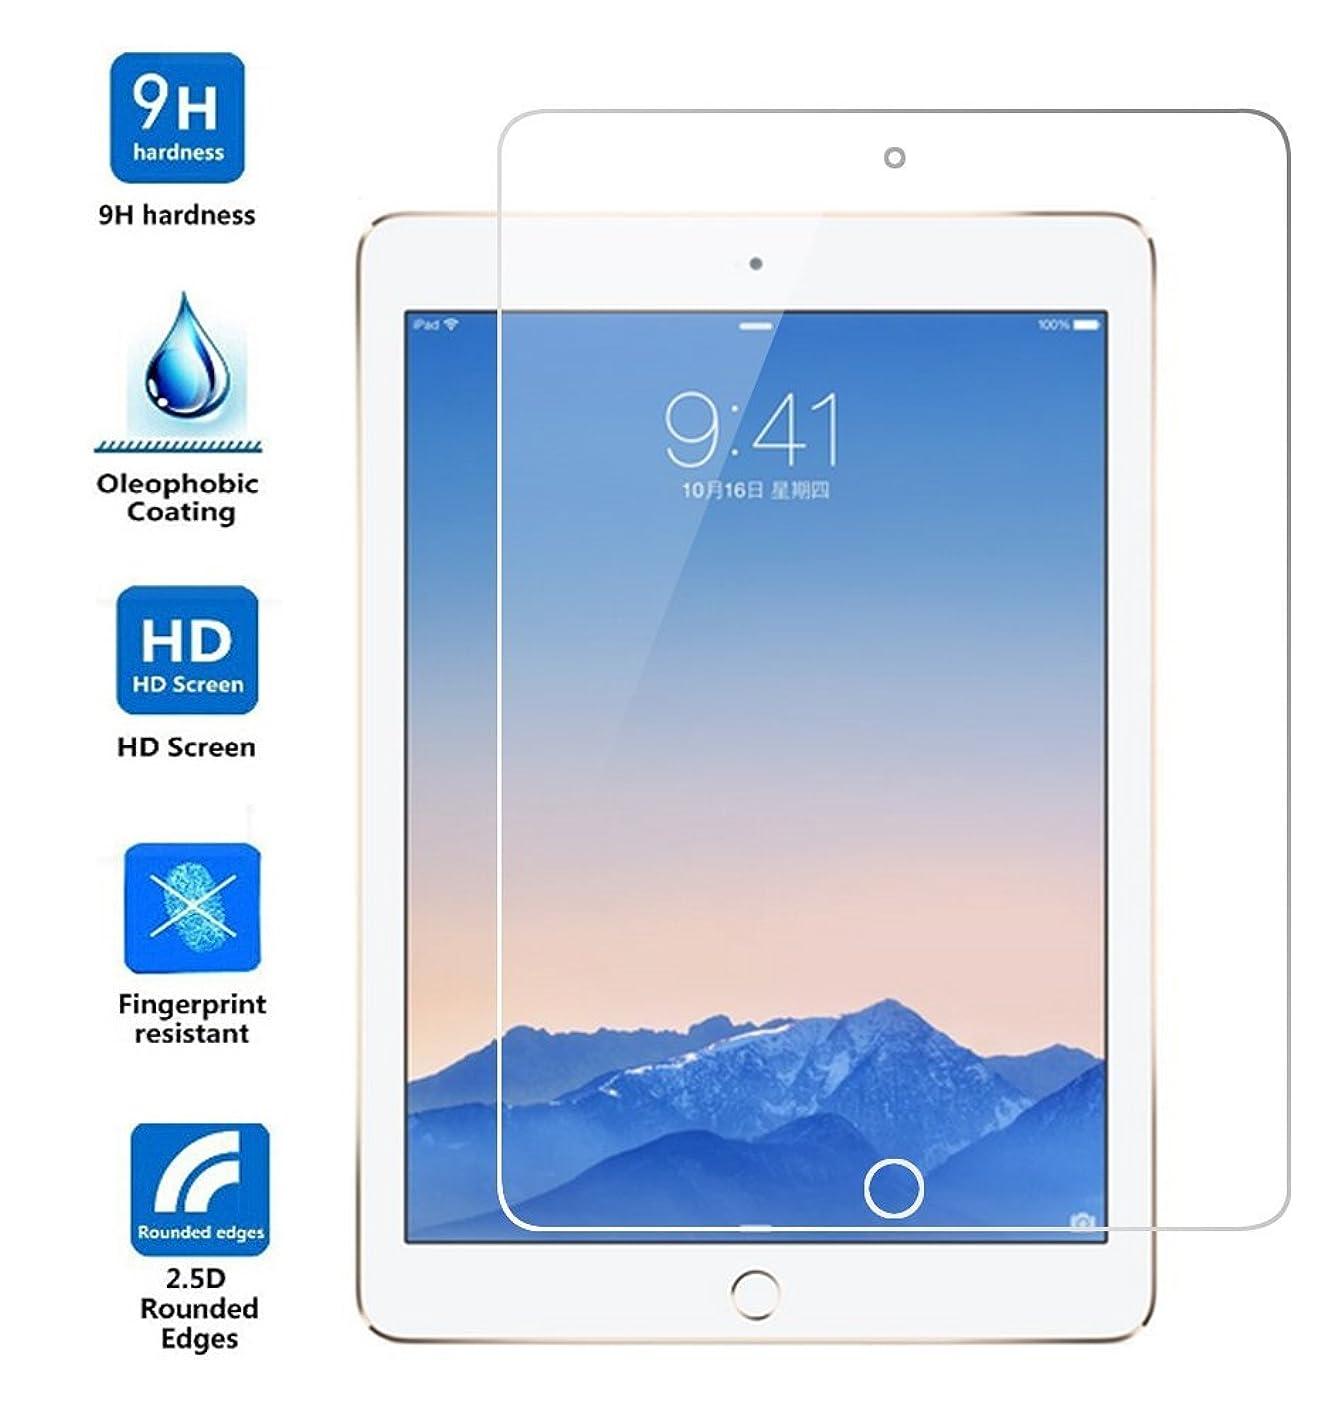 検出可能せせらぎ年金受給者Motenasu iPad Air iPad Air2 強化ガラス フィルム 超薄型 超耐久 高透過率 薄さ0.3mm  9H硬度 2.5D 防指紋 飛散防止止 (iPad Air2, 強化ガラスフィルム)